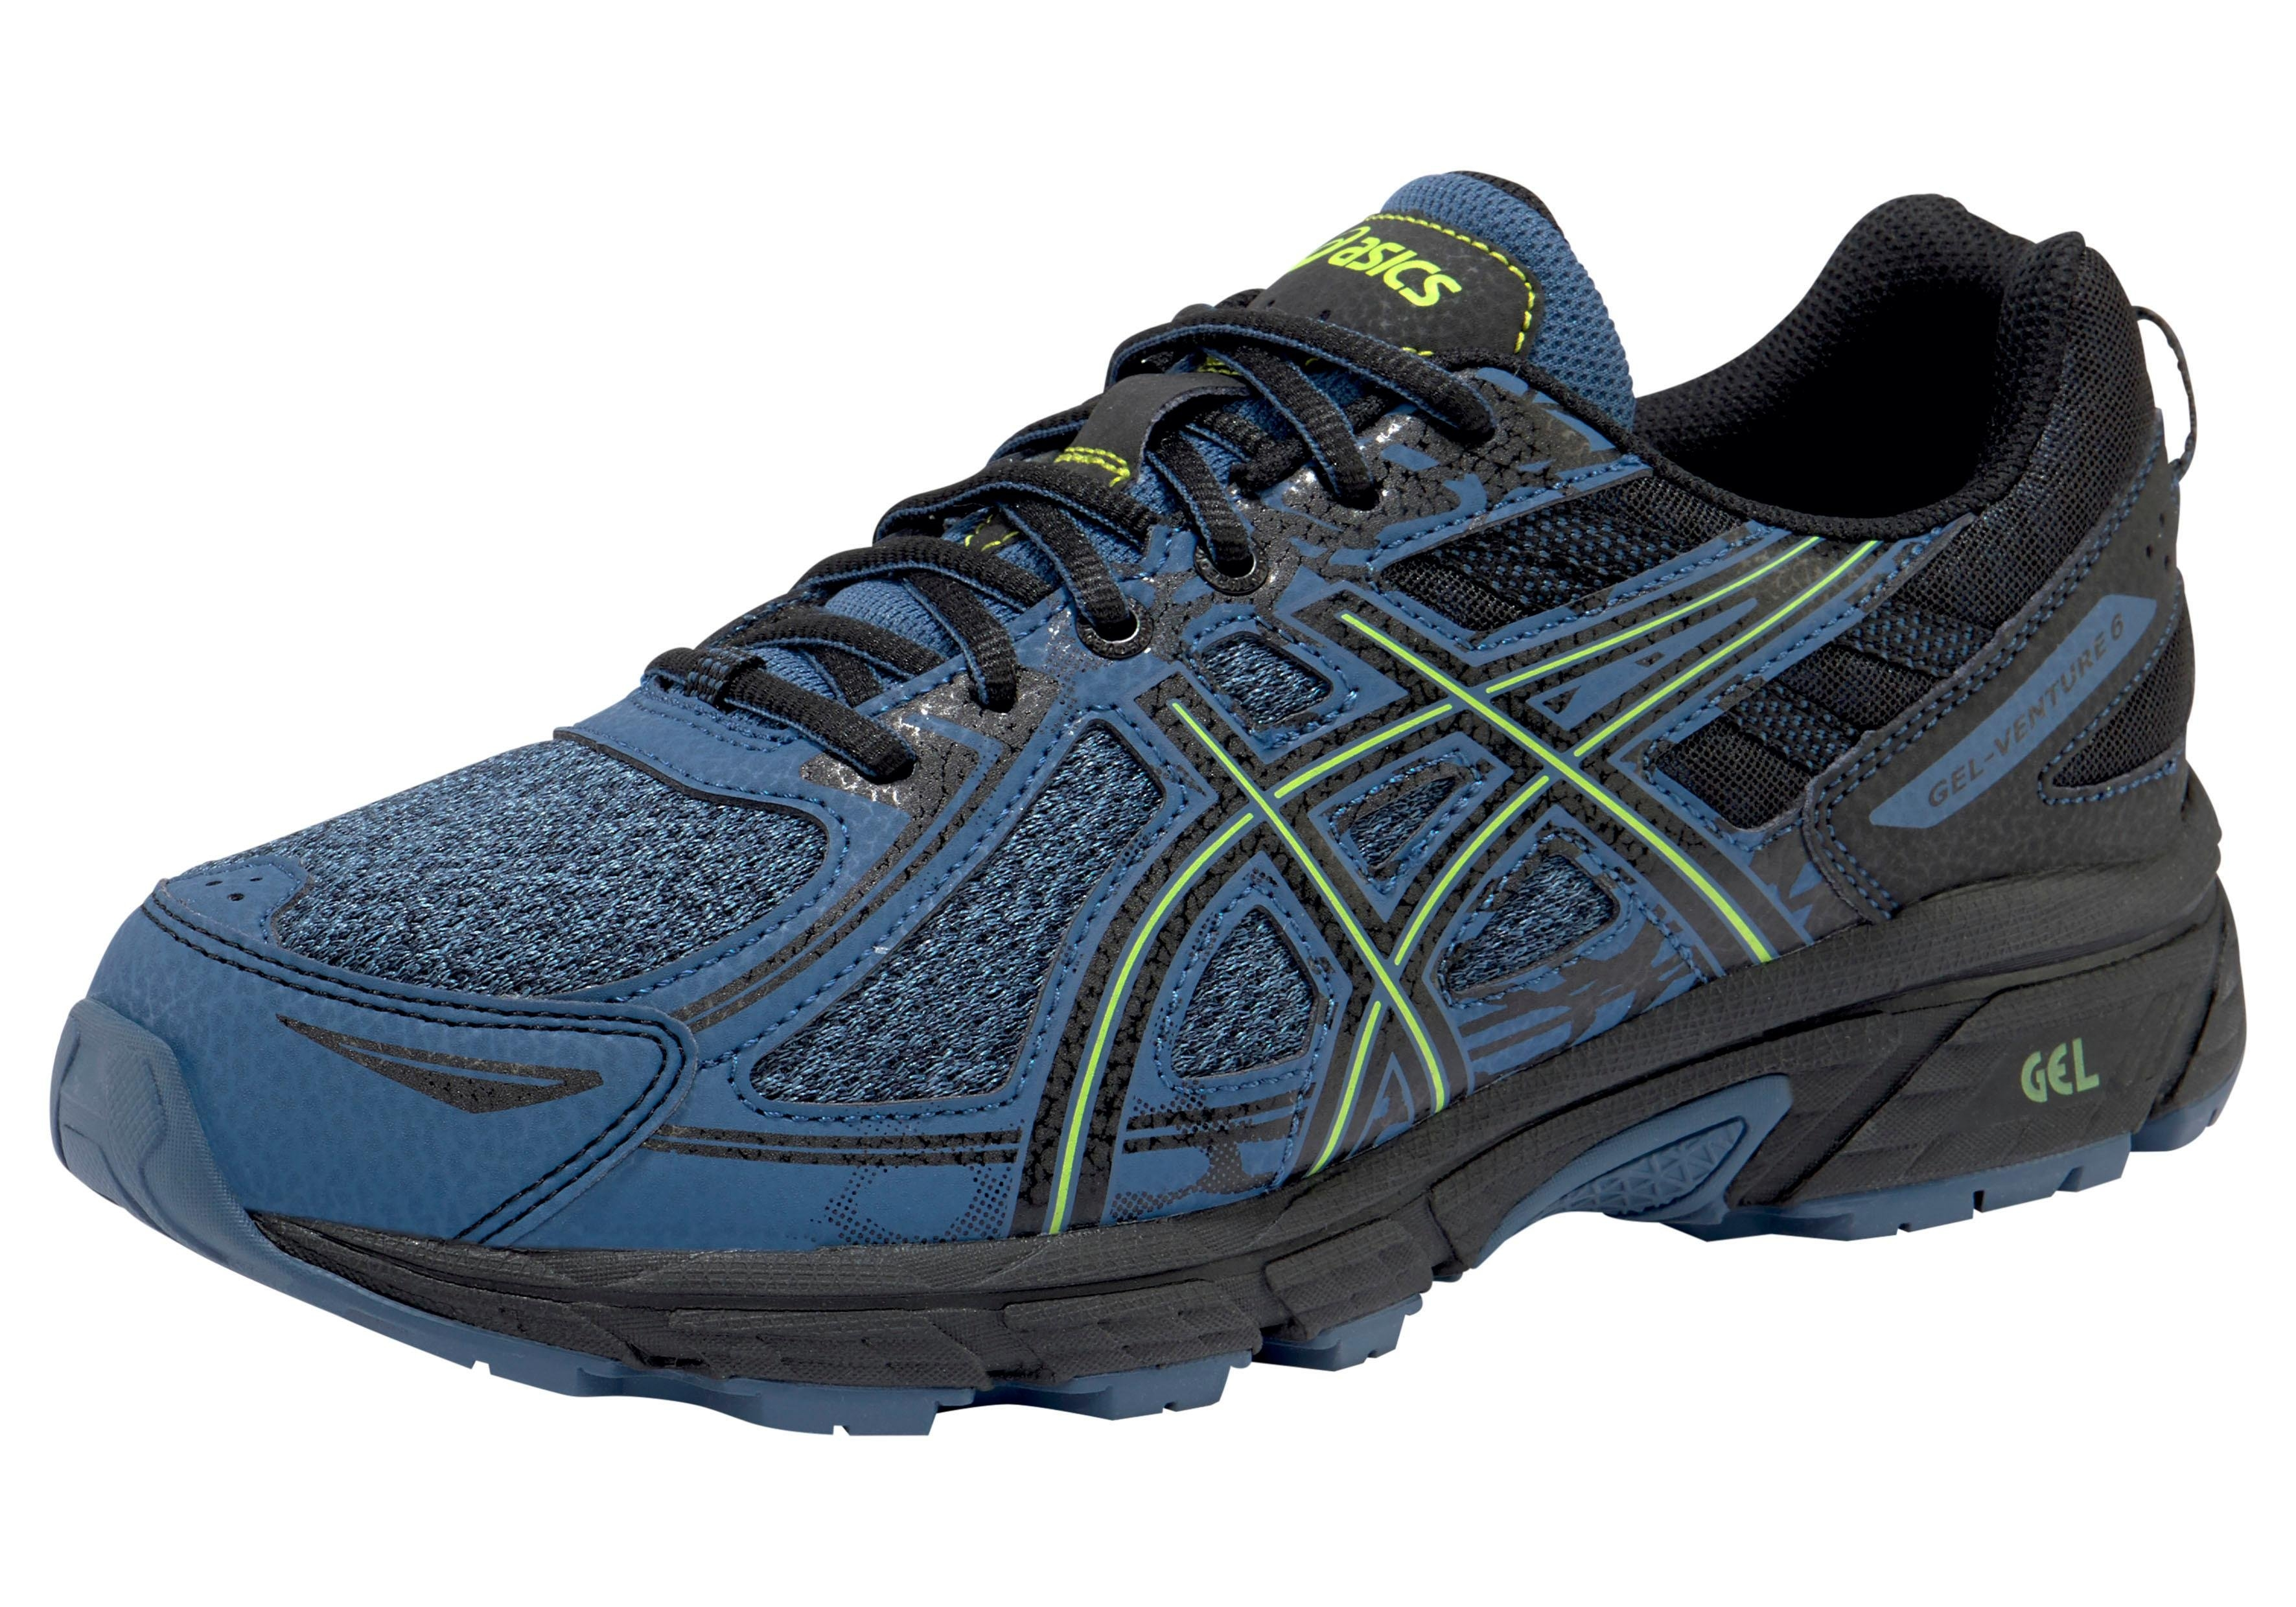 27ec3865b27 ... runningschoenen »Runallday«, Nike runningschoenen »Downshifter 8«, Nike  Sportswear sneakers »Air Max Sequent 4«, Asics runningschoenen »GEL-EXALT 5«